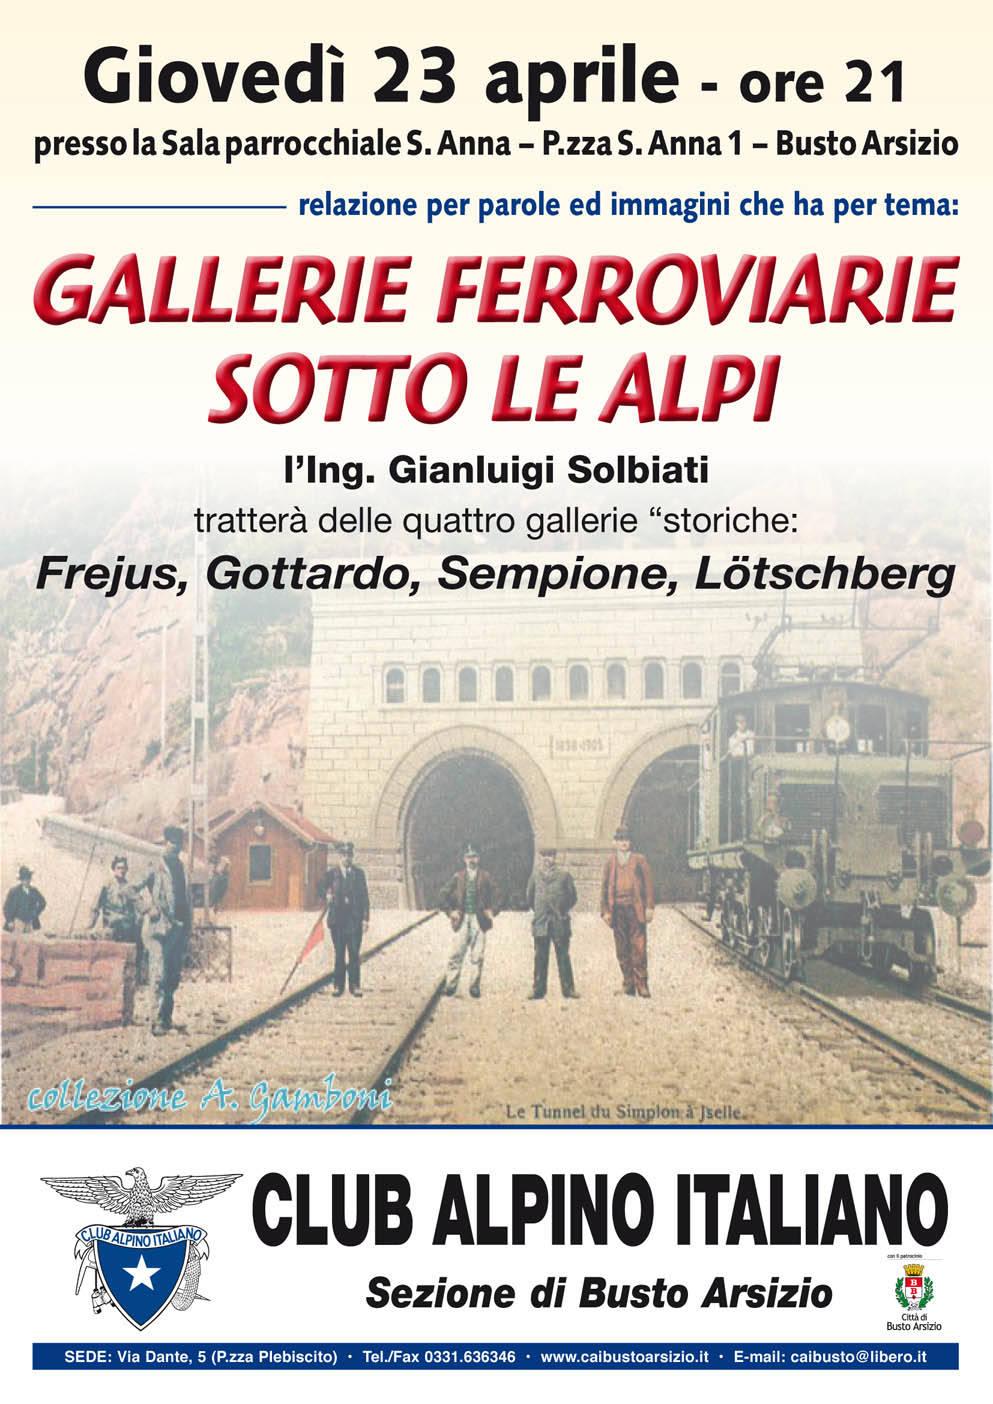 Incontro sul tema GALLERIE FERROVIARIE SOTTO LE ALPI organizzato dal Club Alpino Italiano Busto Arsizio